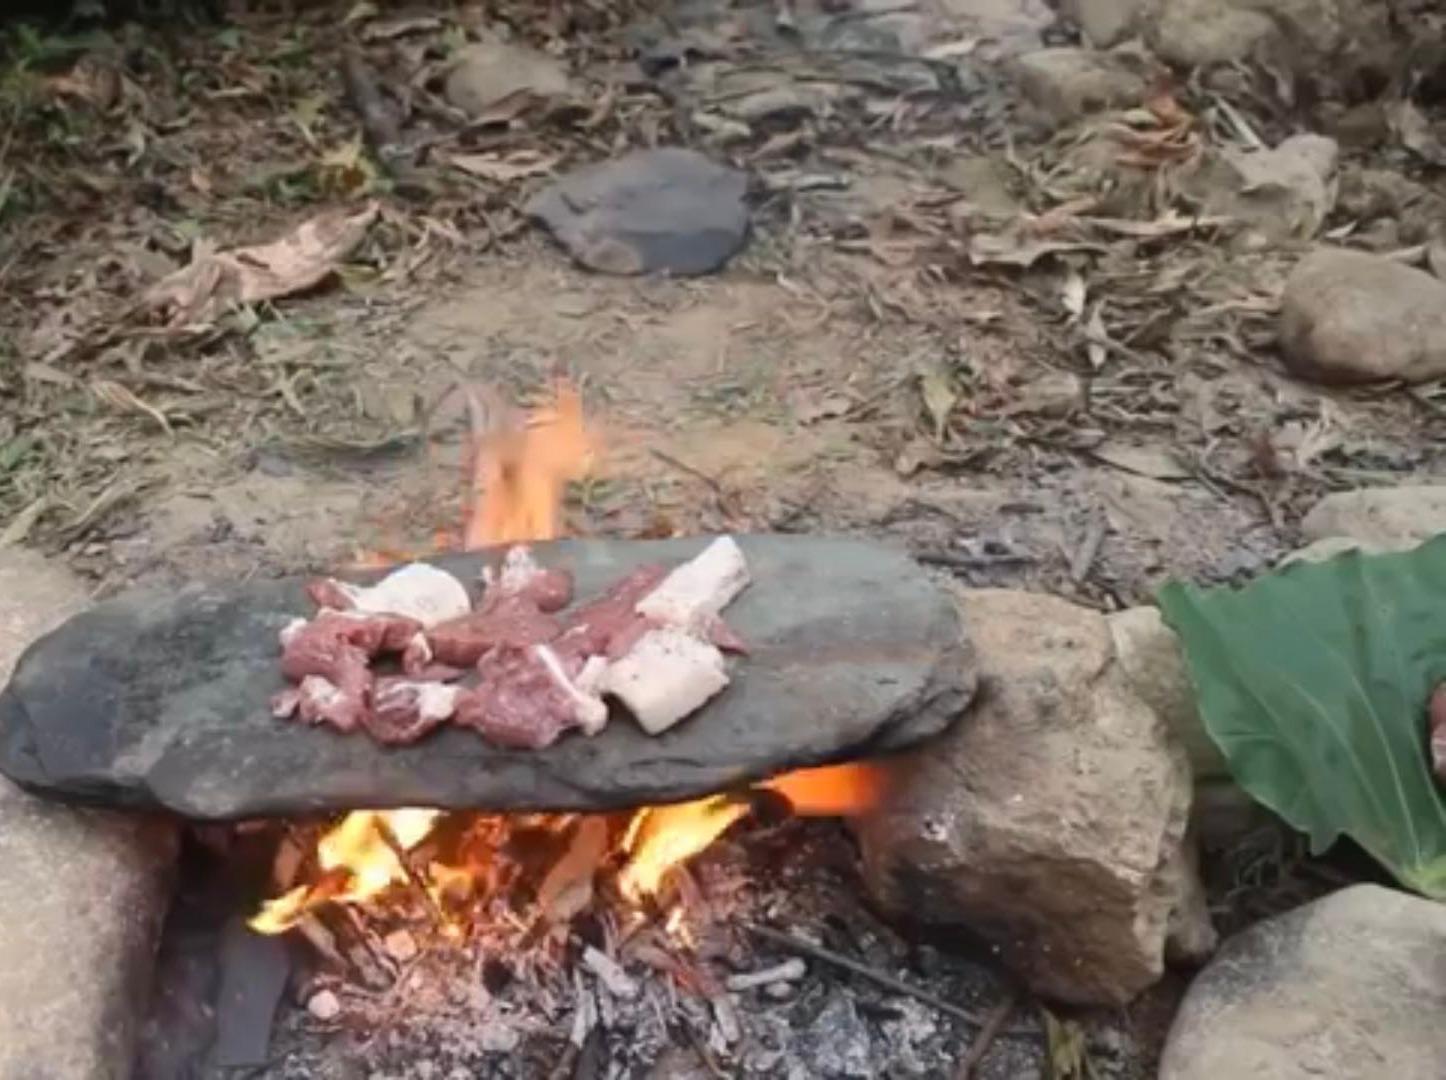 从化溪边野炊-石板烤肉泡溪水